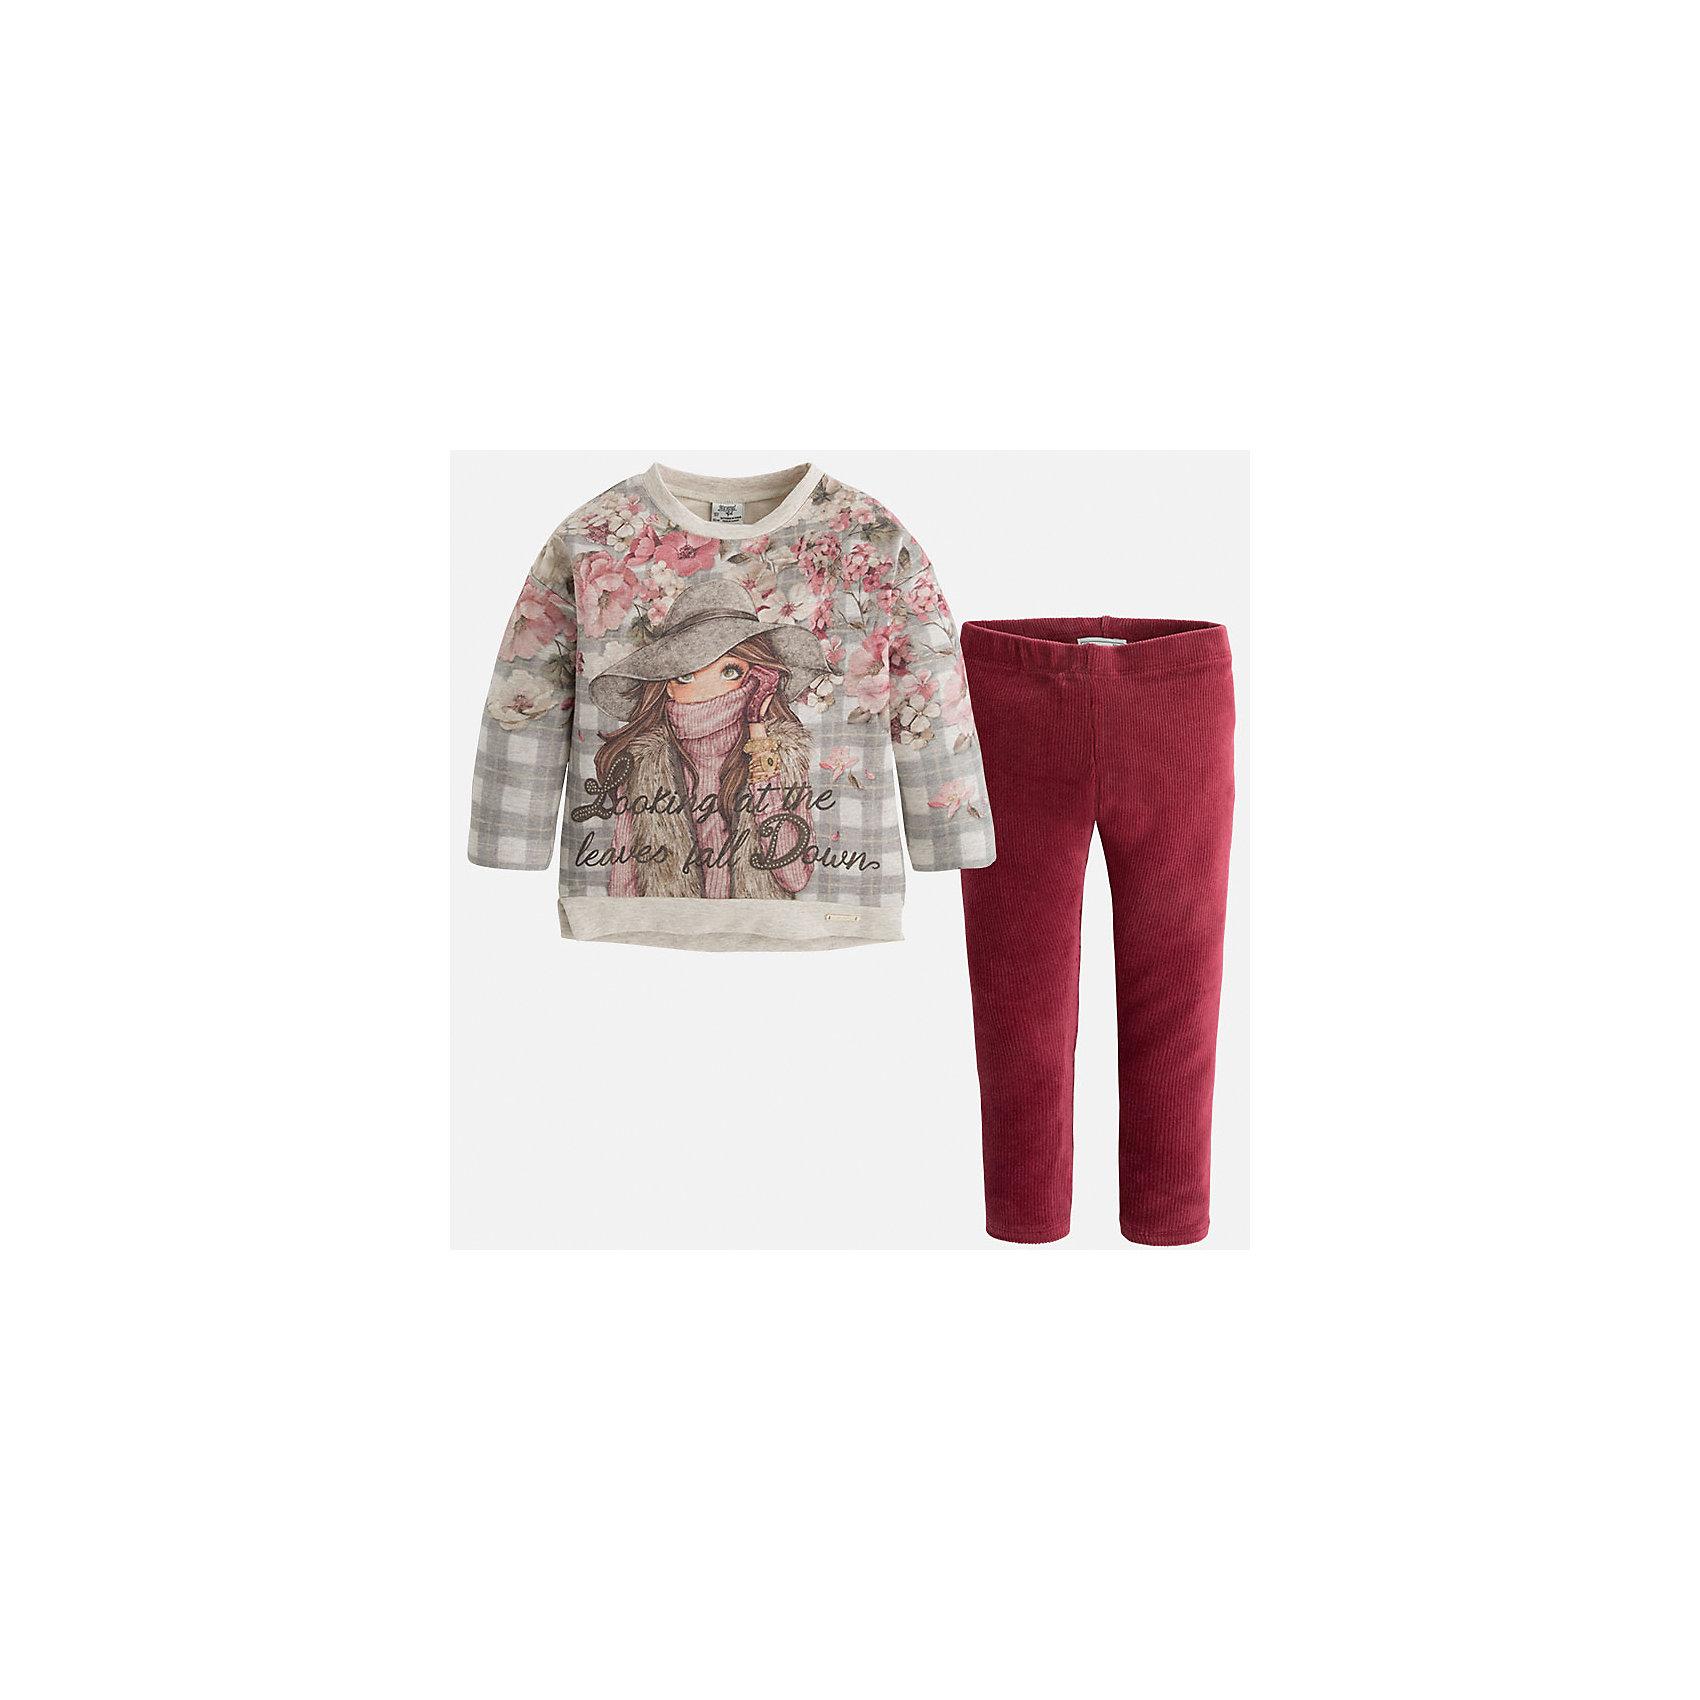 Комплект: футболка и леггинсы для девочки MayoralСтильный комплект для девочки от Mayoral состоит из футболки с длинным рукавом и леггинсов. Футболка комбинированной расцветки оформлена оригинальным принтом с металлическими бусинками. Леггинсы на поясе с резинкой отлично облегают фигуру и не сковывают движения. Комплект выполнен из приятного на ощупь трикотажного материала. <br><br>Дополнительная информация:<br><br>- Мягкий трикотажный материал. <br>- Комплектация: леггинсы, футболка. <br>- Округлый вырез горловины. <br>- Оригинальный принт спереди. <br>- Леггинсы контрастной расцветки на поясе с резинкой. <br>Состав:<br>57% хлопок, 38% полиэстер, 5% эластан. <br><br>Комплект: футболку и леггинсы для девочки Mayoral (Майорал), серый/бордовый, можно купить в нашем магазине.<br><br>Ширина мм: 123<br>Глубина мм: 10<br>Высота мм: 149<br>Вес г: 209<br>Цвет: розовый<br>Возраст от месяцев: 96<br>Возраст до месяцев: 108<br>Пол: Женский<br>Возраст: Детский<br>Размер: 128,110,122,104,98,116,92,134<br>SKU: 4844916